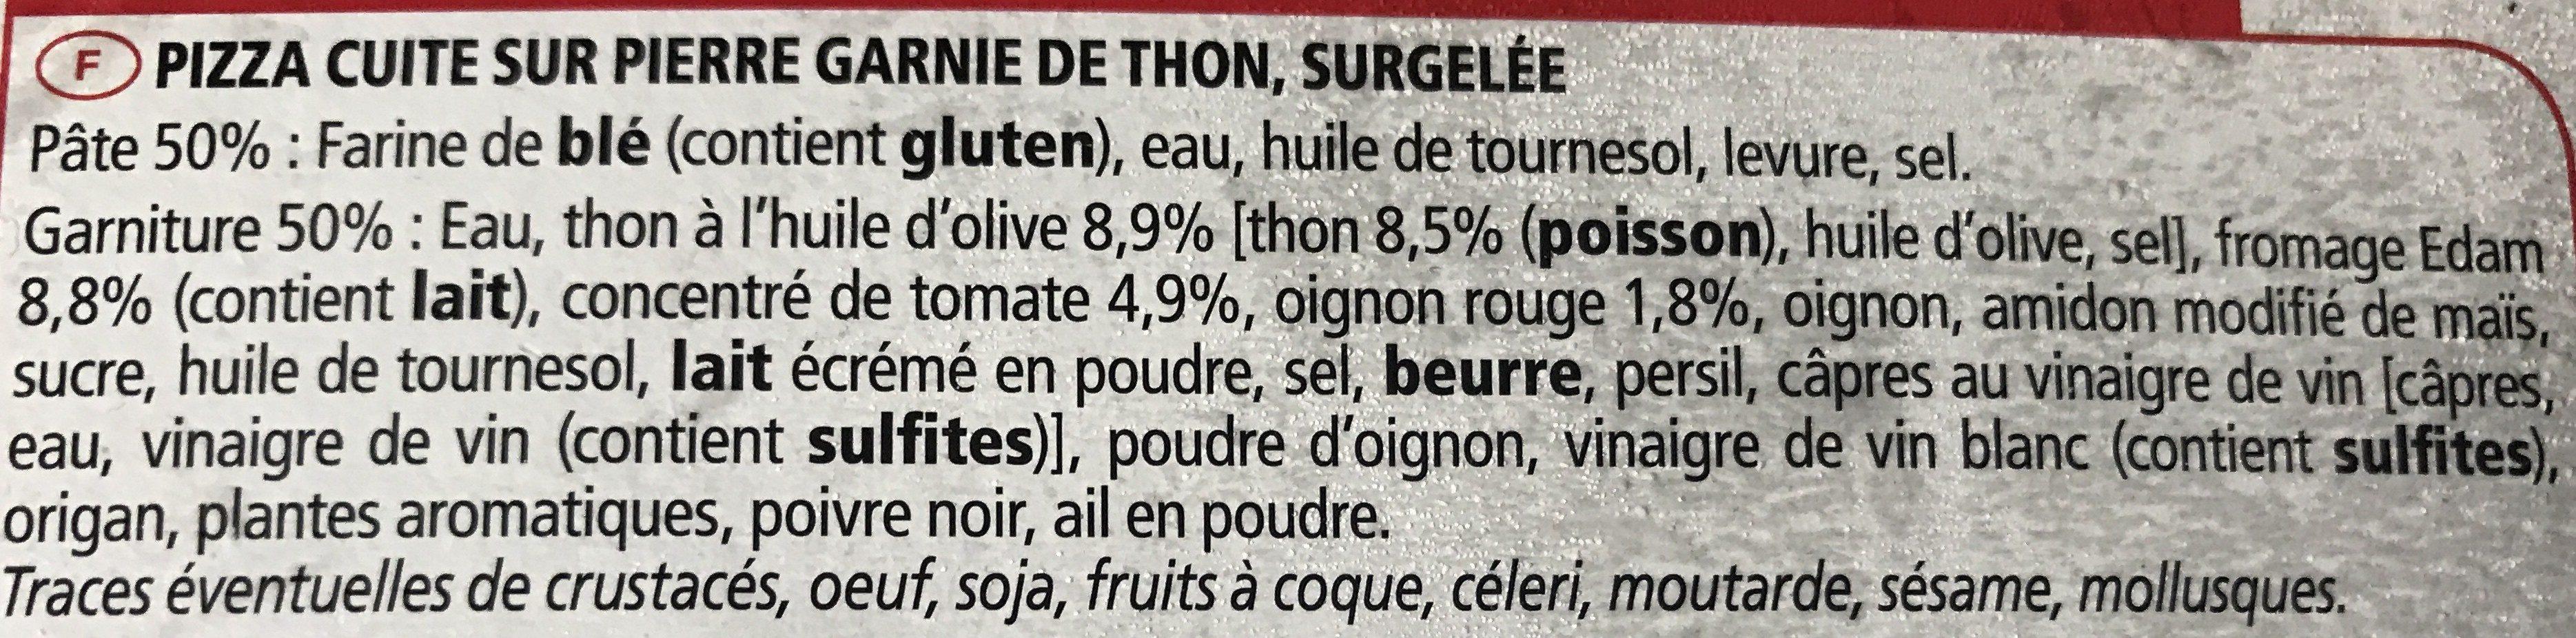 Pizza Cuite Sur Pierre Thon Edam Oignon Rouge Rolli 340 G - Ingrédients - fr